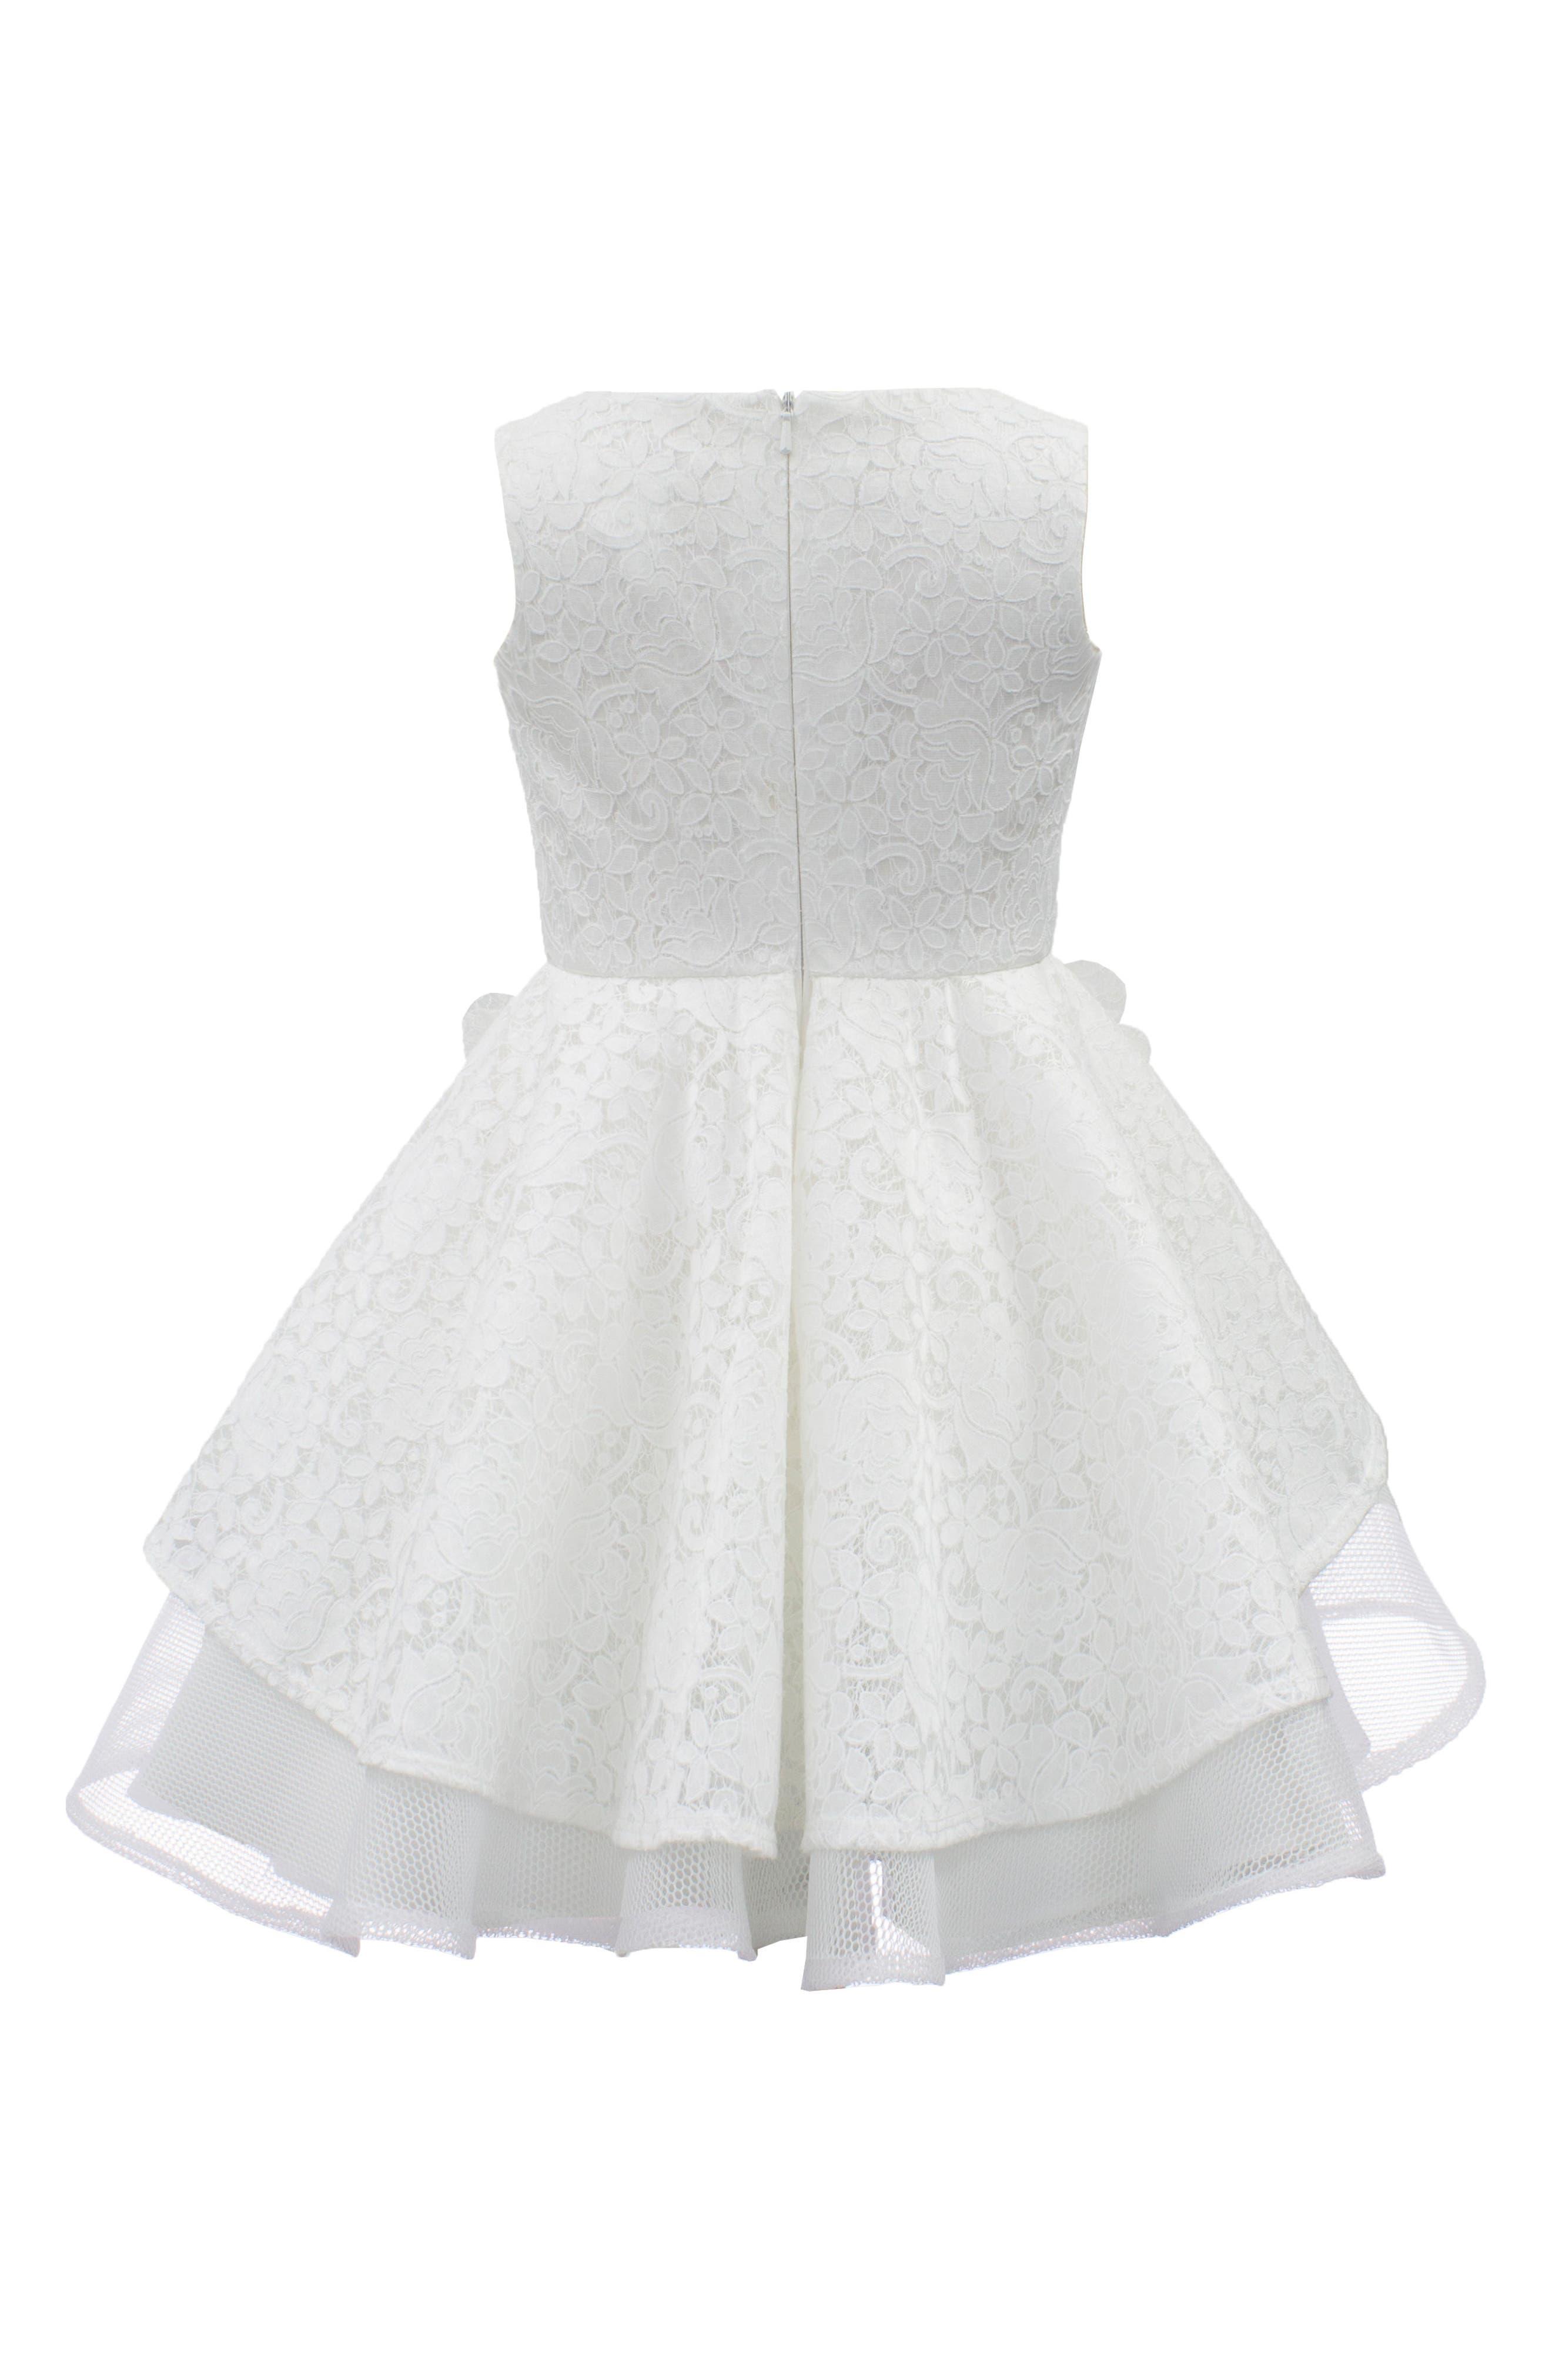 Lace & Techno Mesh Dress,                             Alternate thumbnail 2, color,                             901